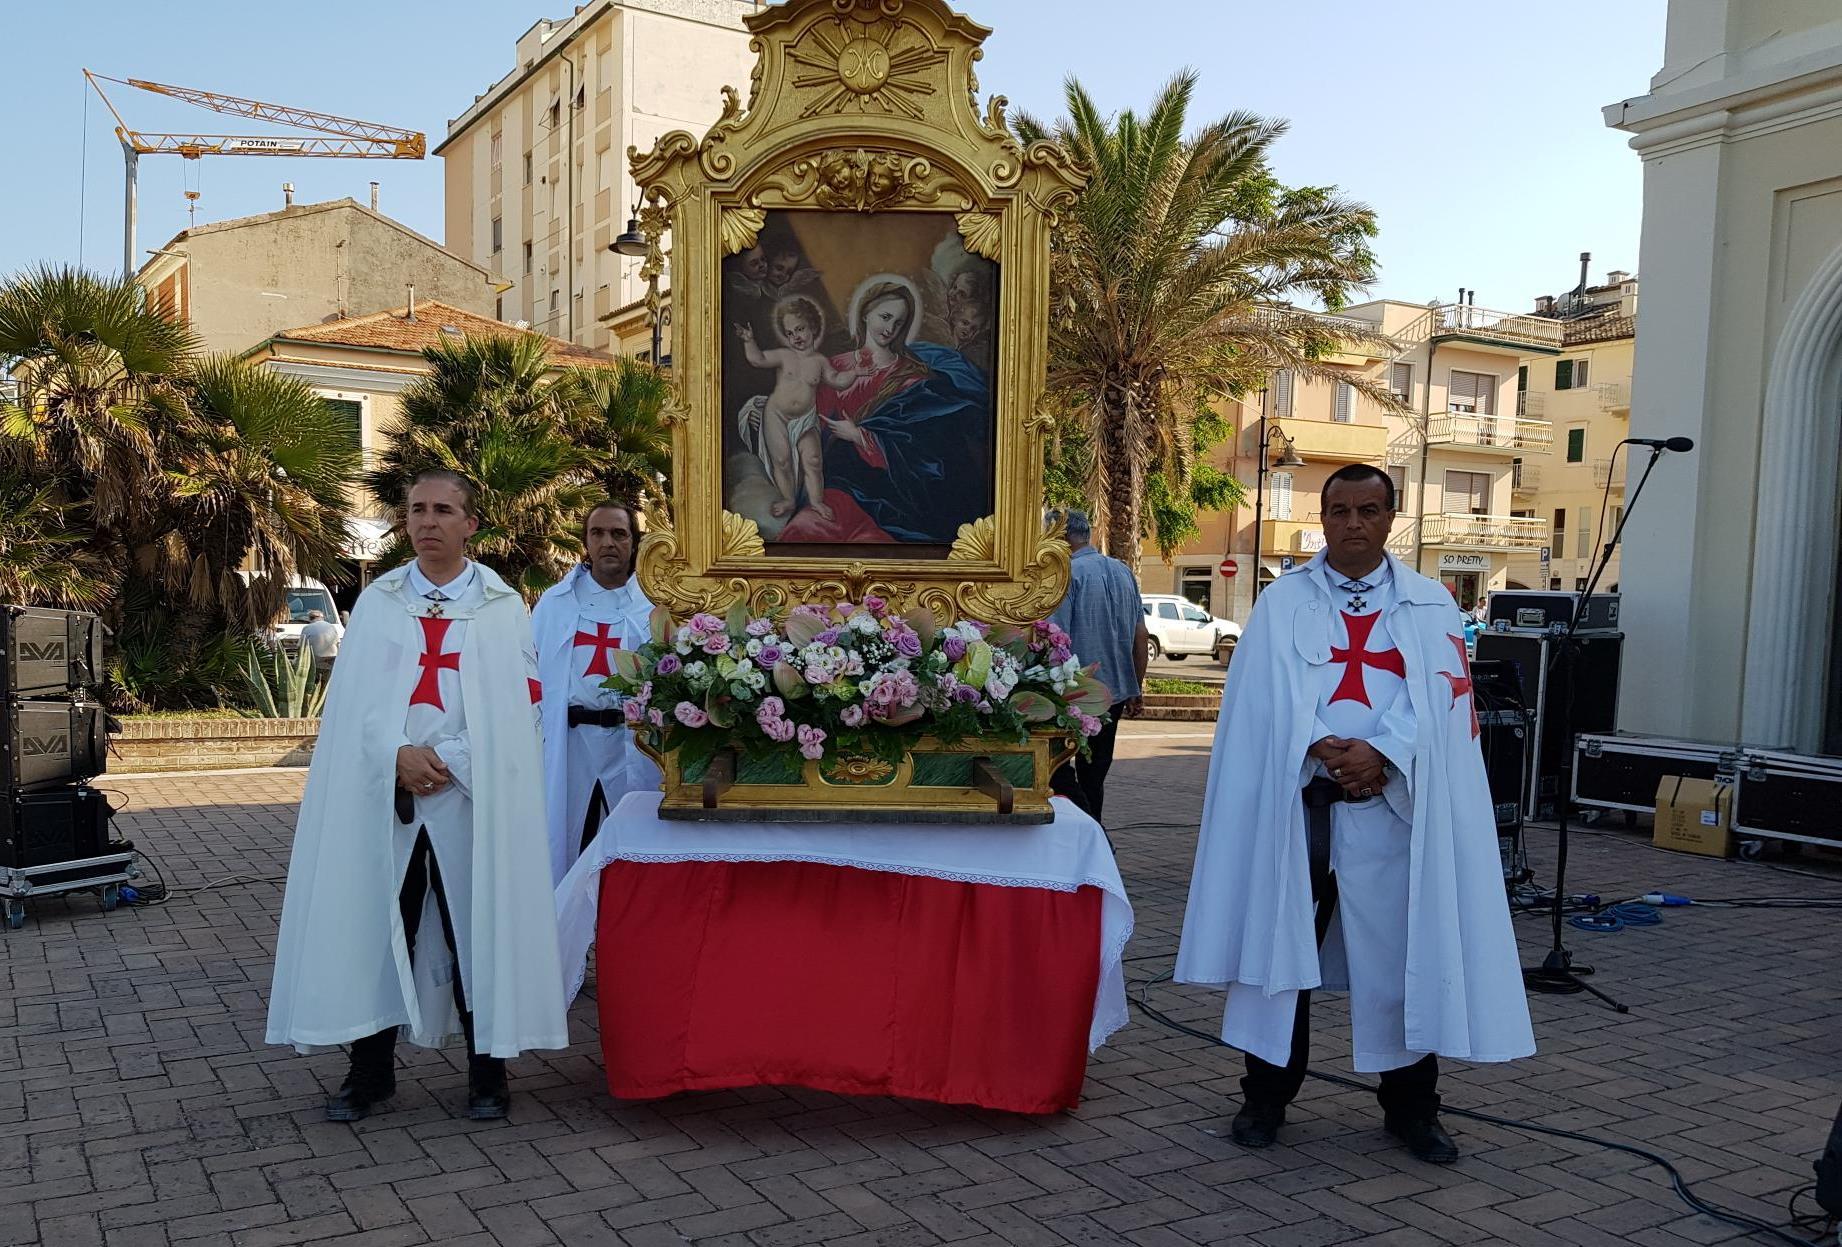 Processione sul mare e Santa Messa per la Festa della Madonna del Soccorso a Porto Recanati (MC)